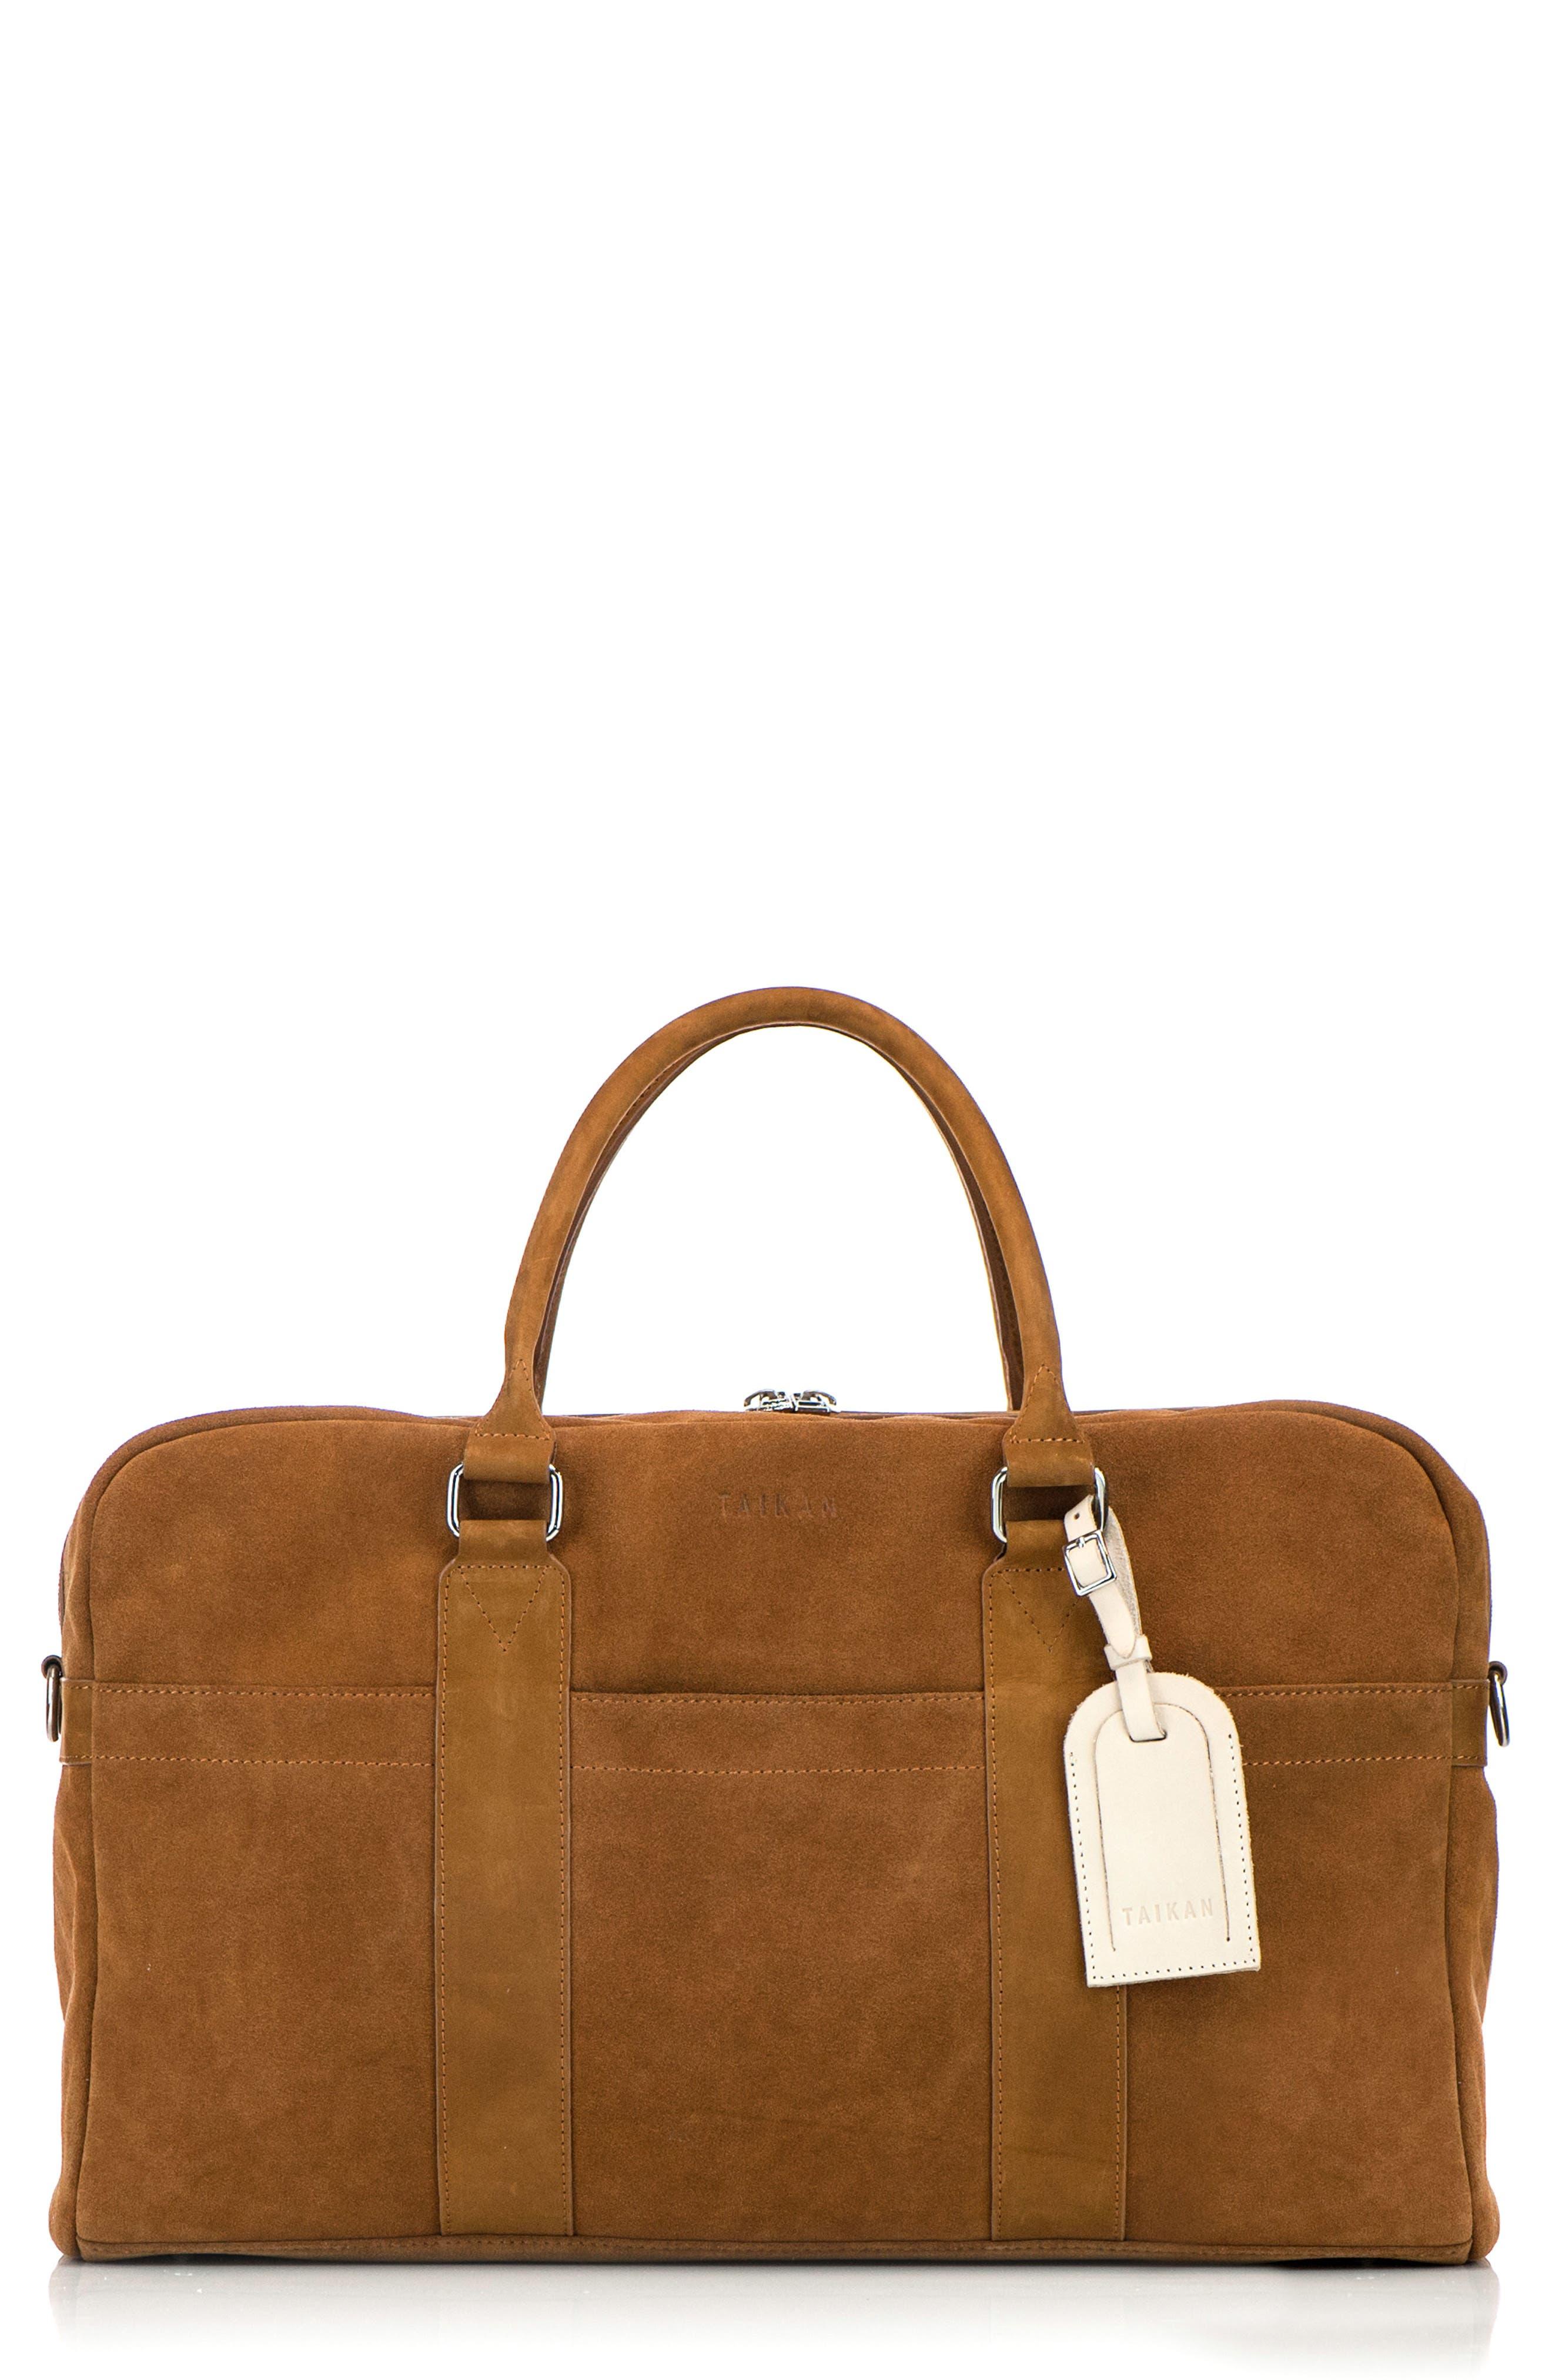 Main Image - Taikan Prowler Duffel Bag